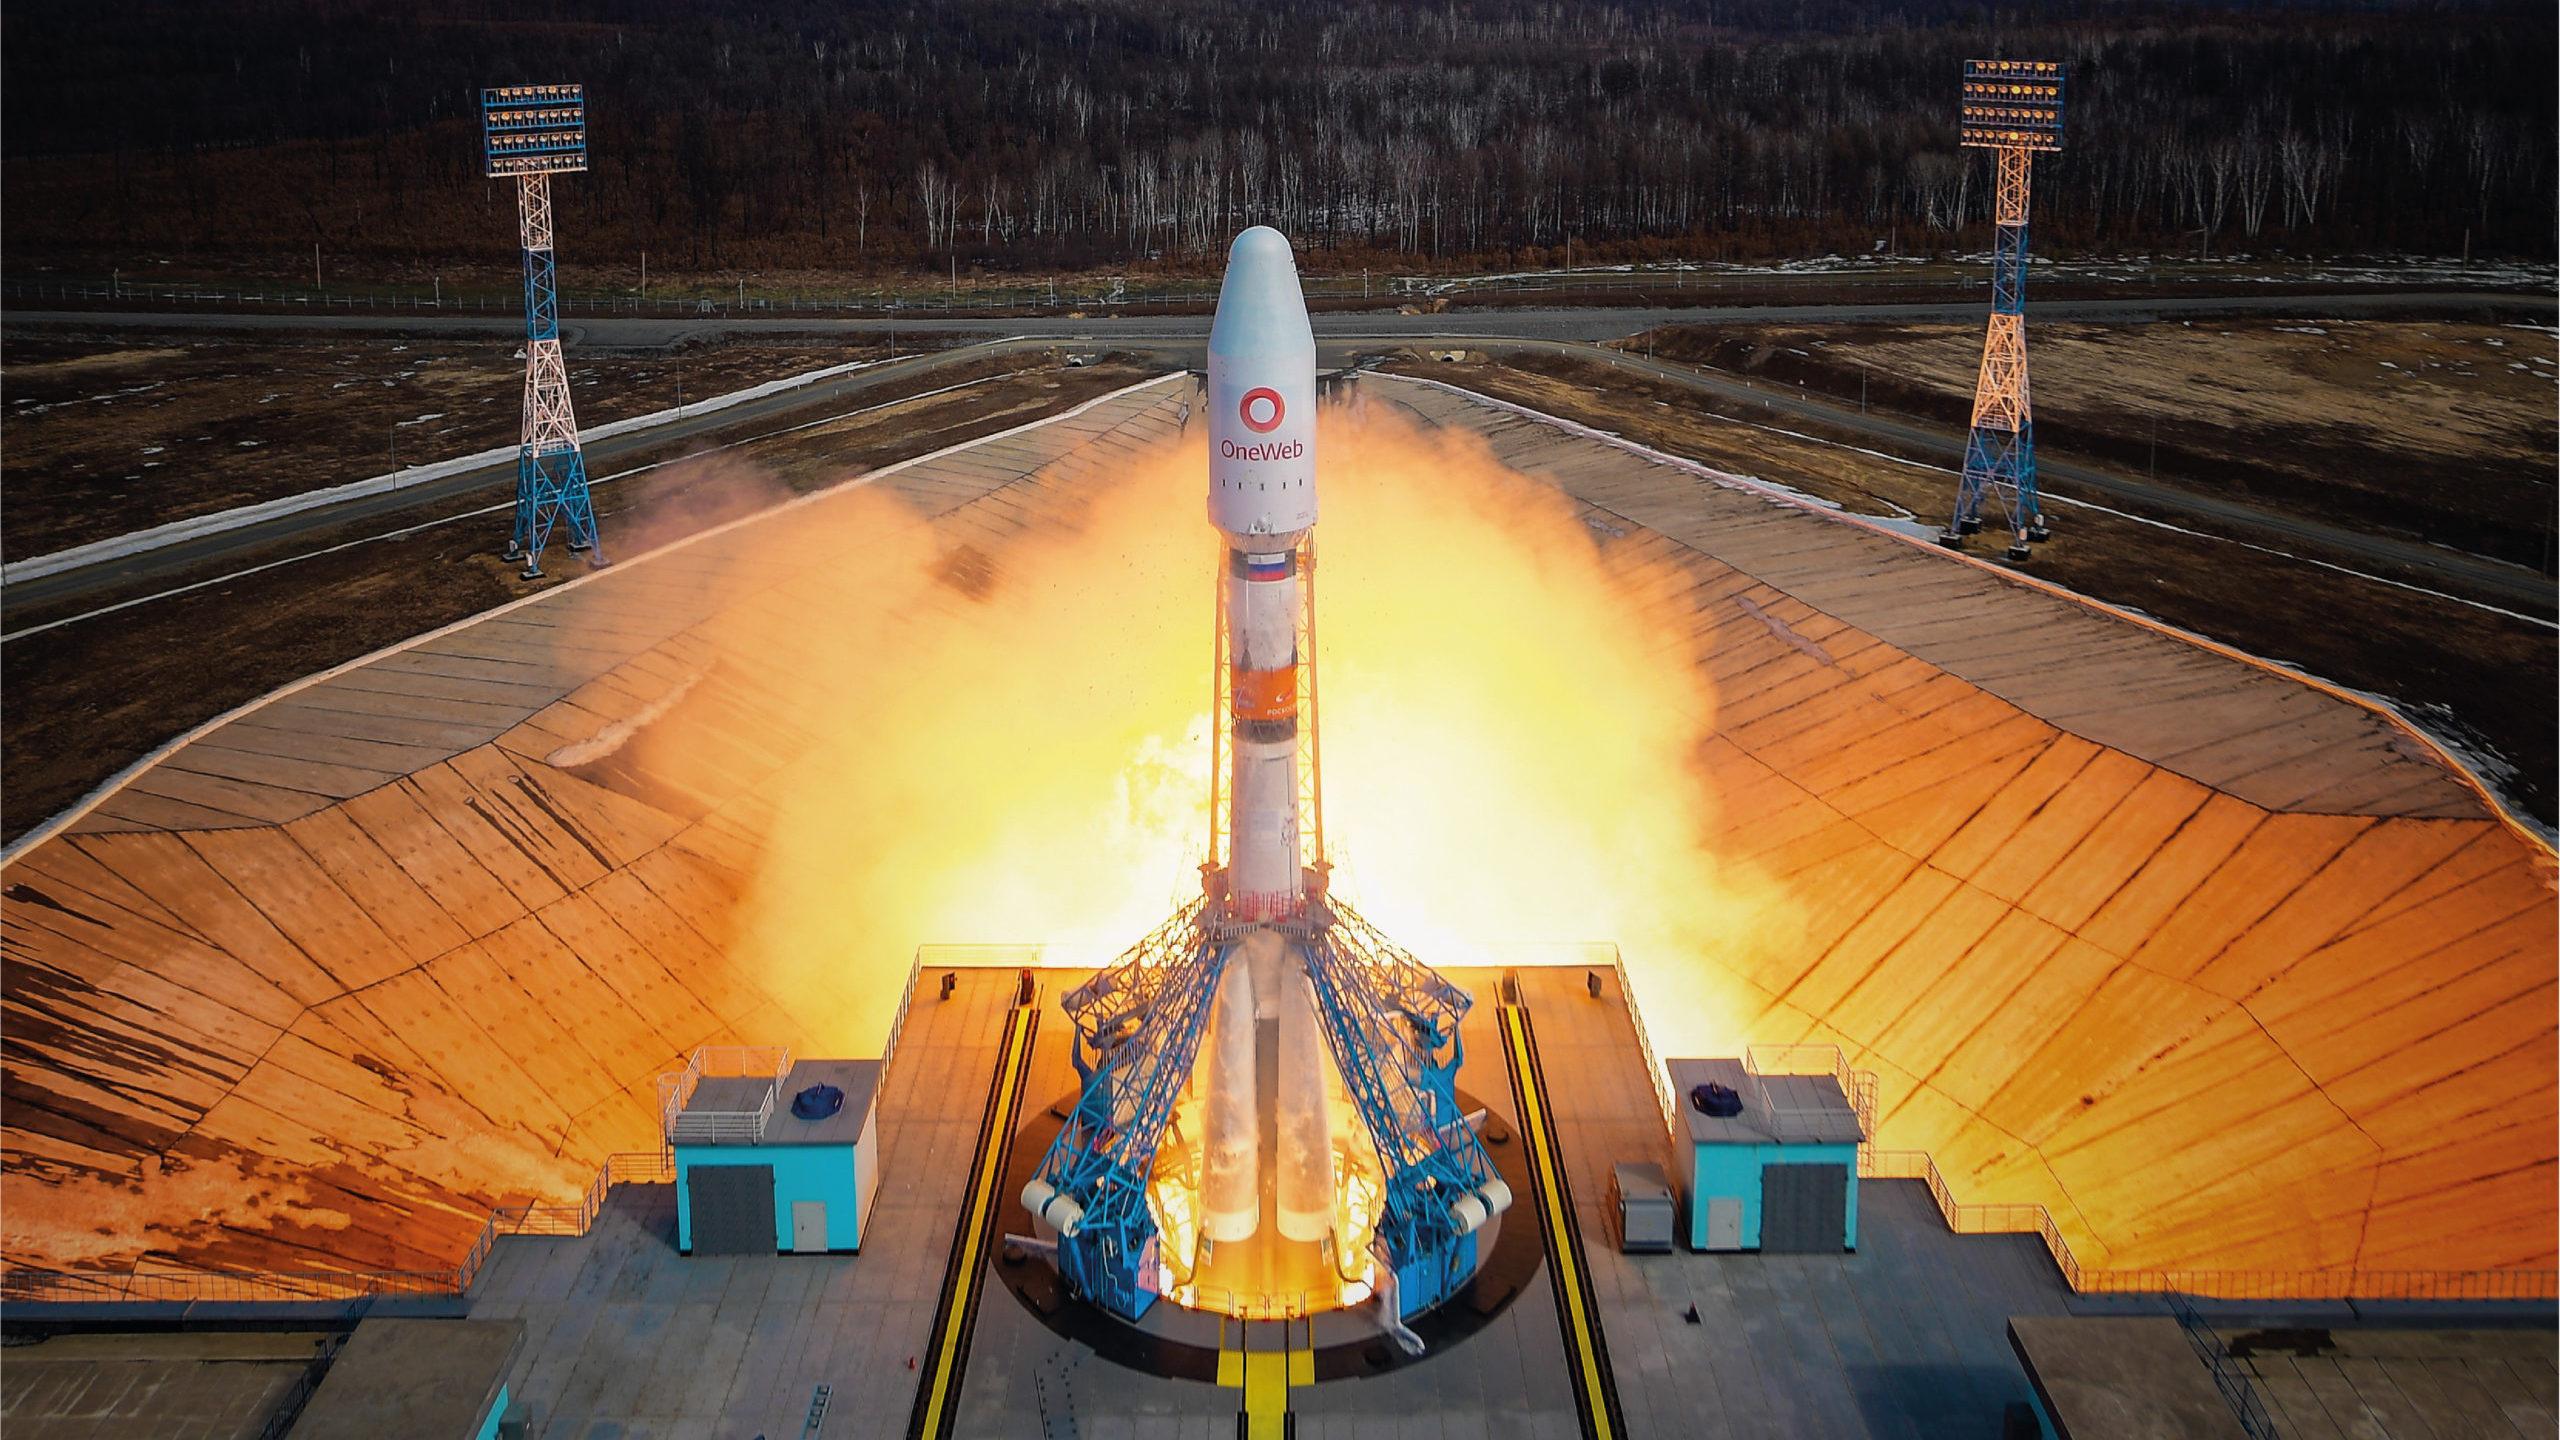 Concurso: Arianespace enviará gratis al espacio un microsatélite